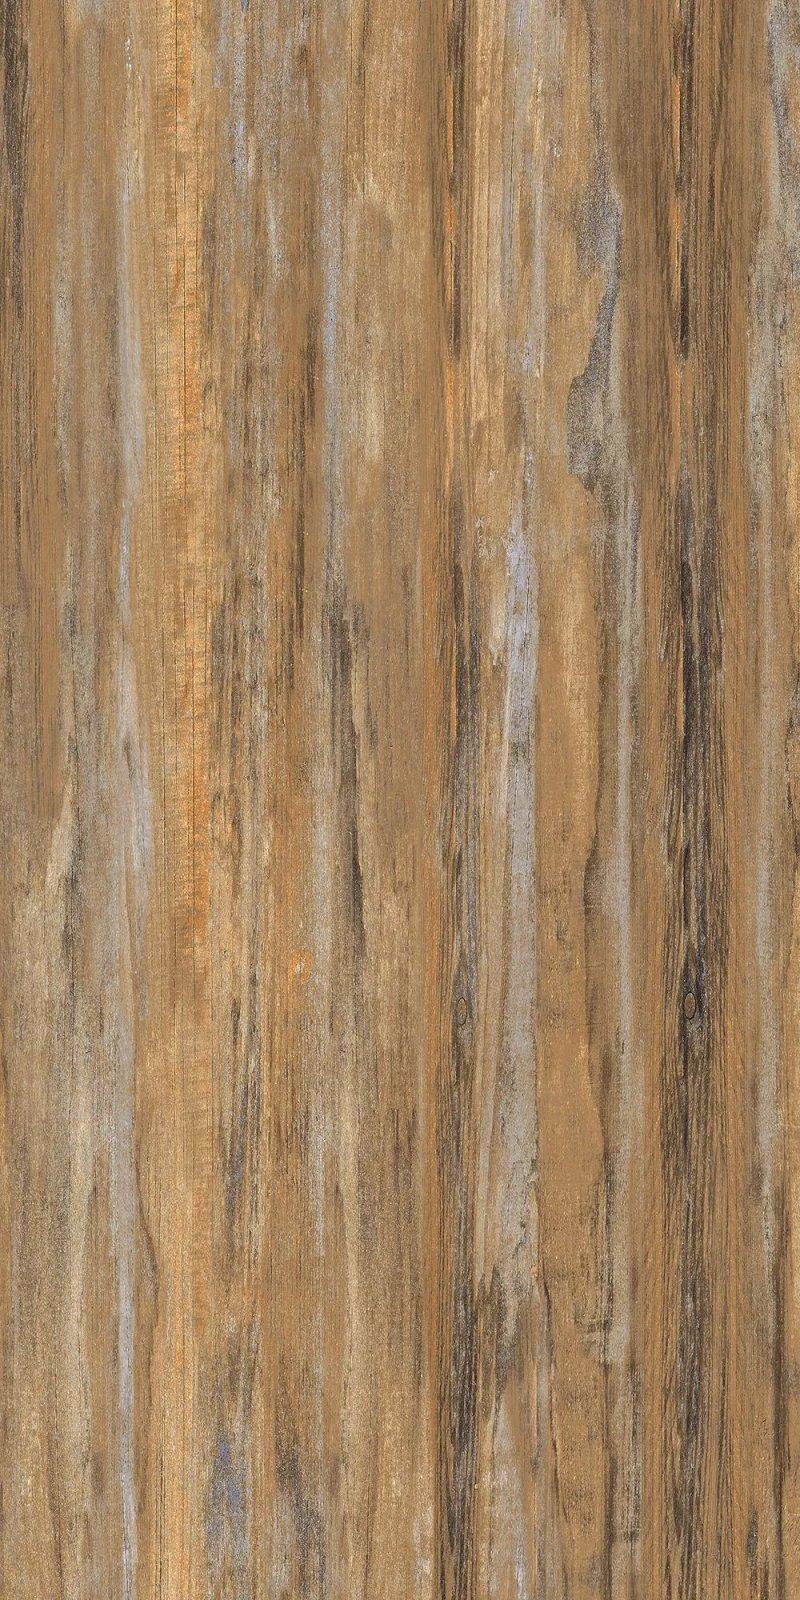 大将军瓷砖图片 生态木纹砖装修效果图